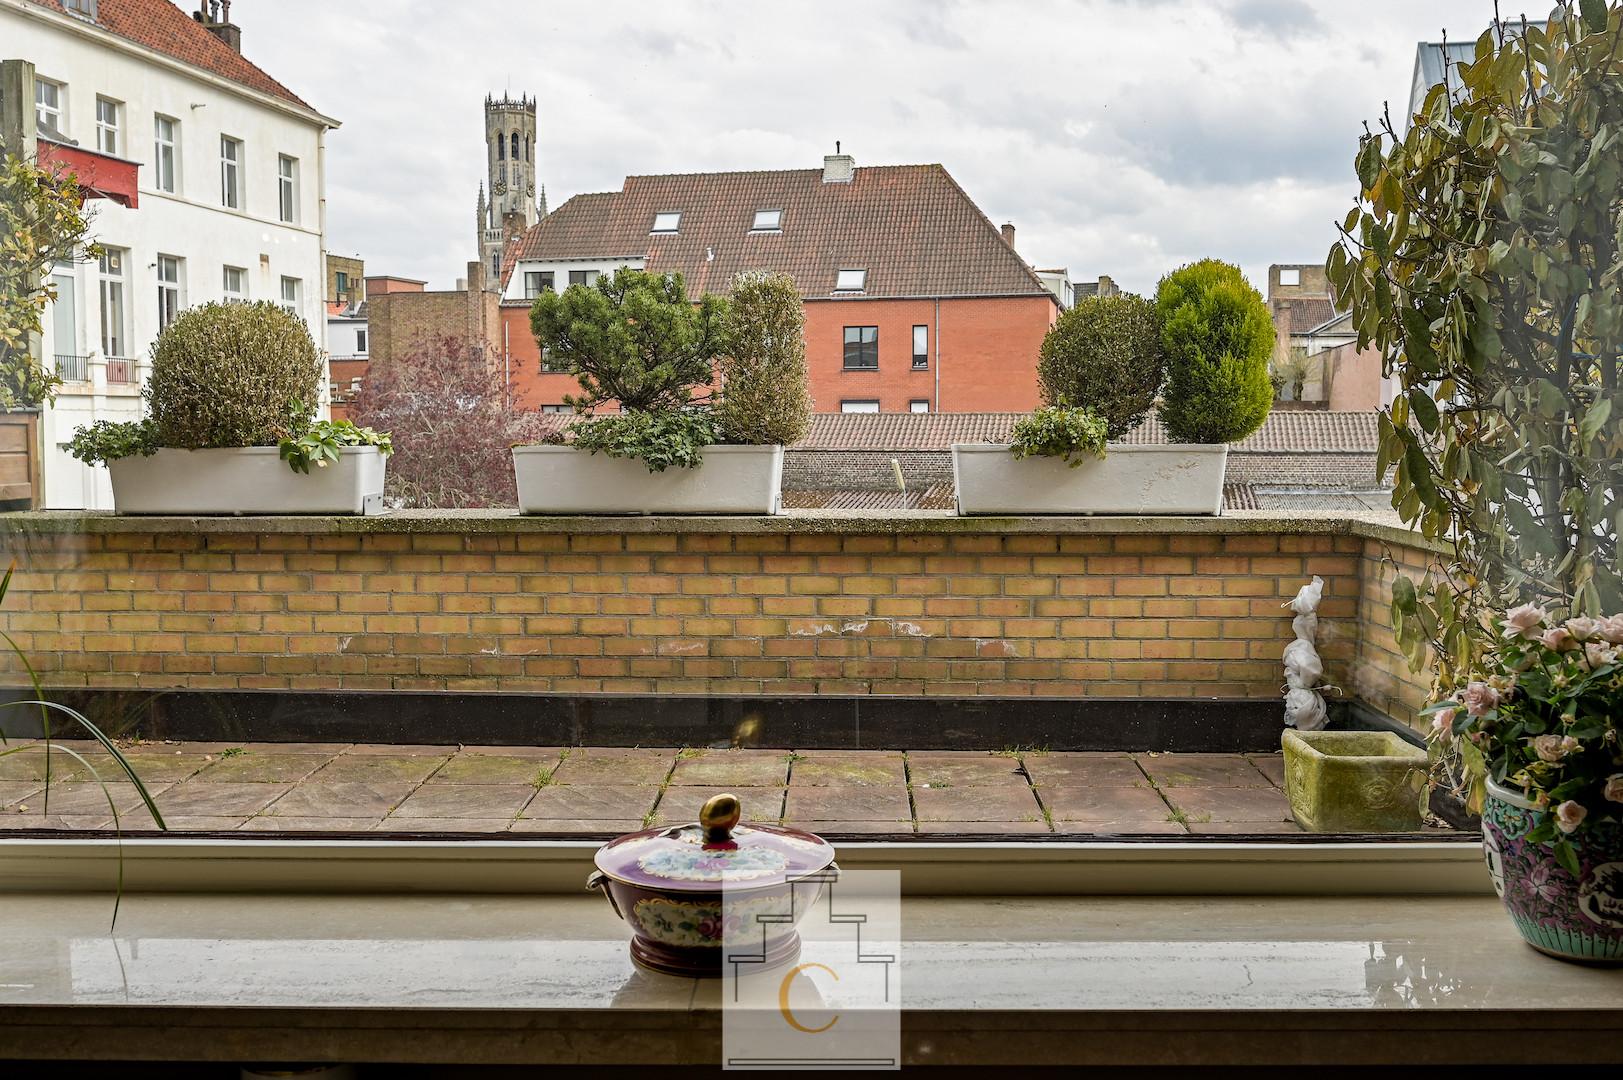 stijlvol appartement in kleinschalige residentie op toplocatie in de Moerstraat, groot zonneterras met subliem zicht op Belfort en Prinsenhof, optionele aankoop autostandplaats